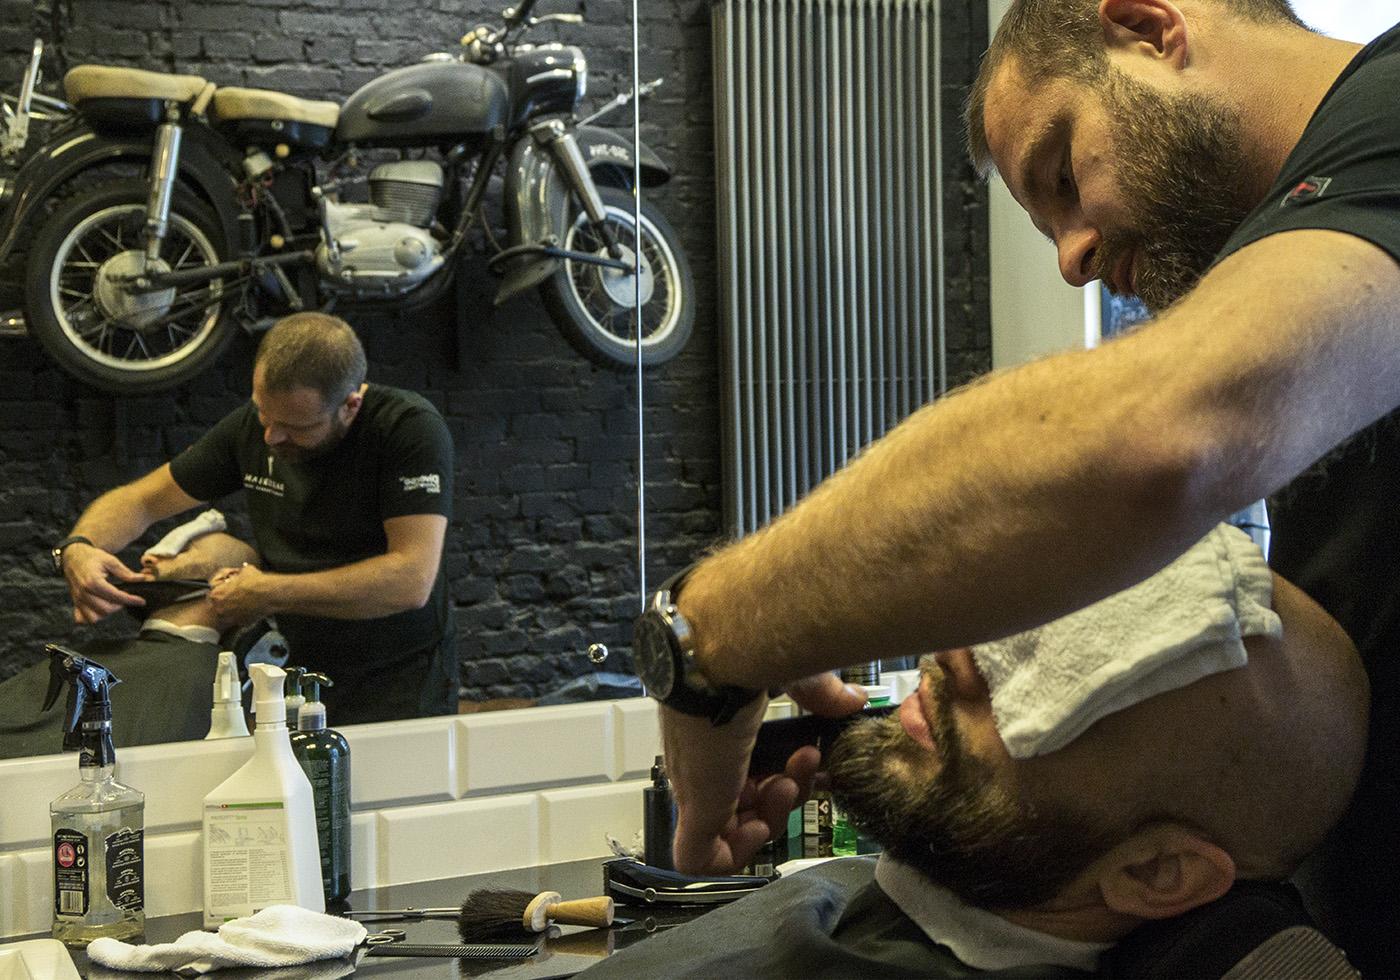 Andrei_Iliescu_Romania_Barbershop_10.jpg